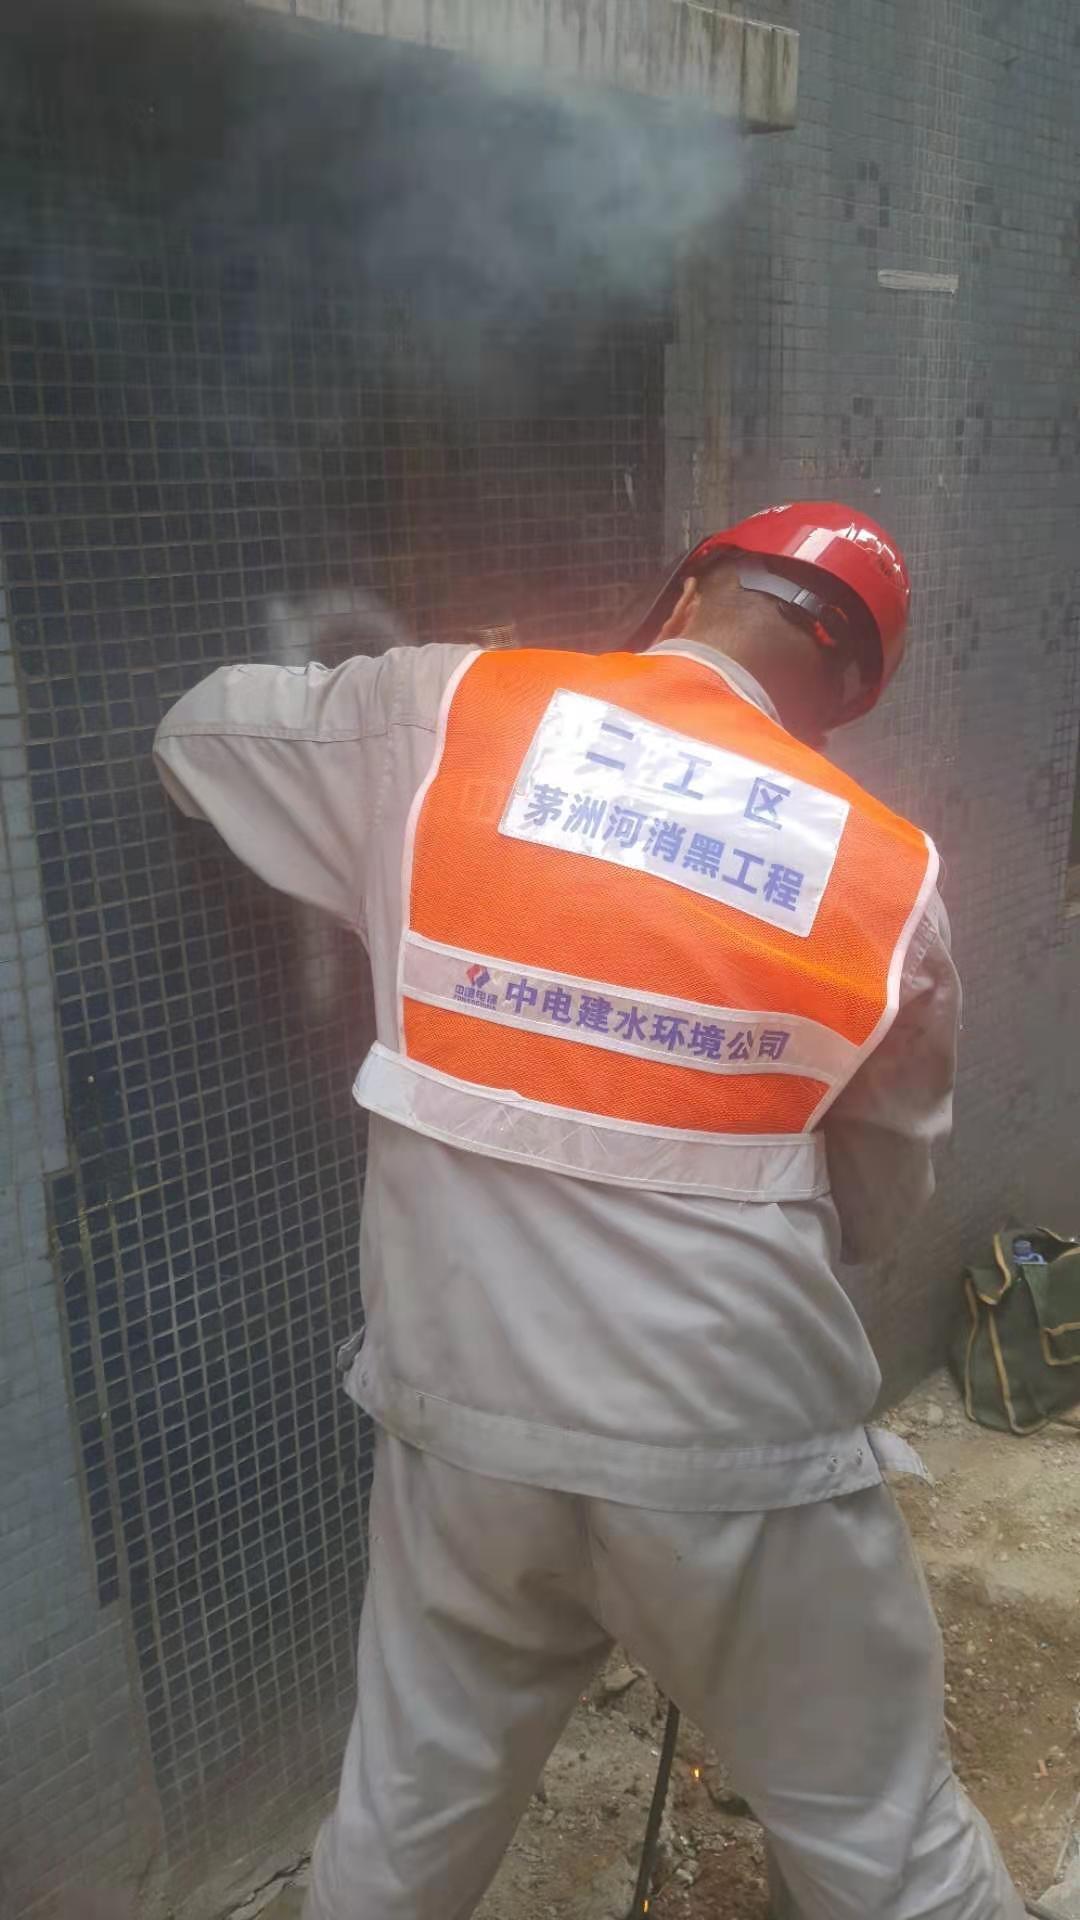 宝安市政管道工程,管道工程